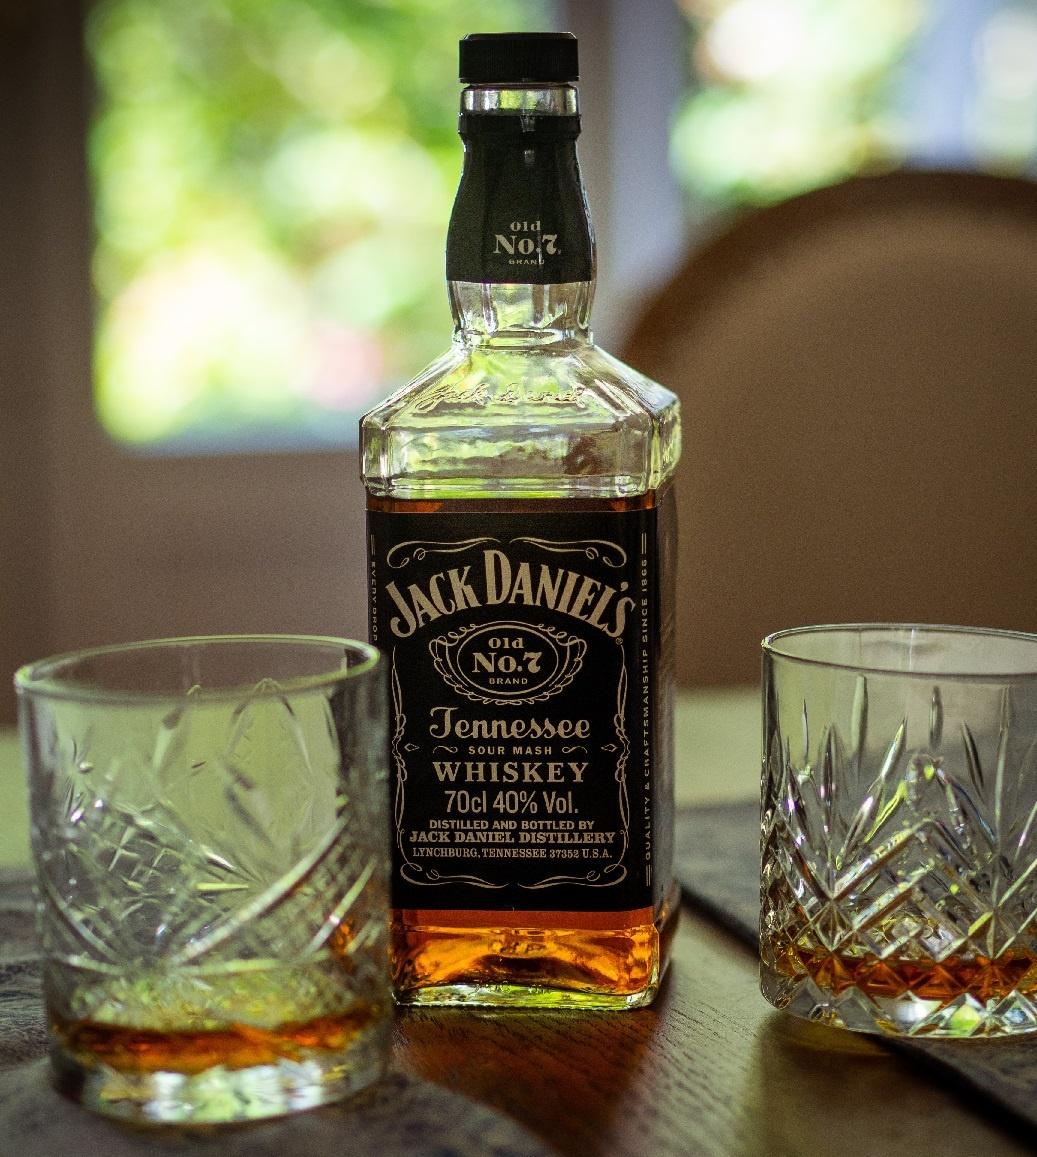 теннессийский виски Джек Дениэлс